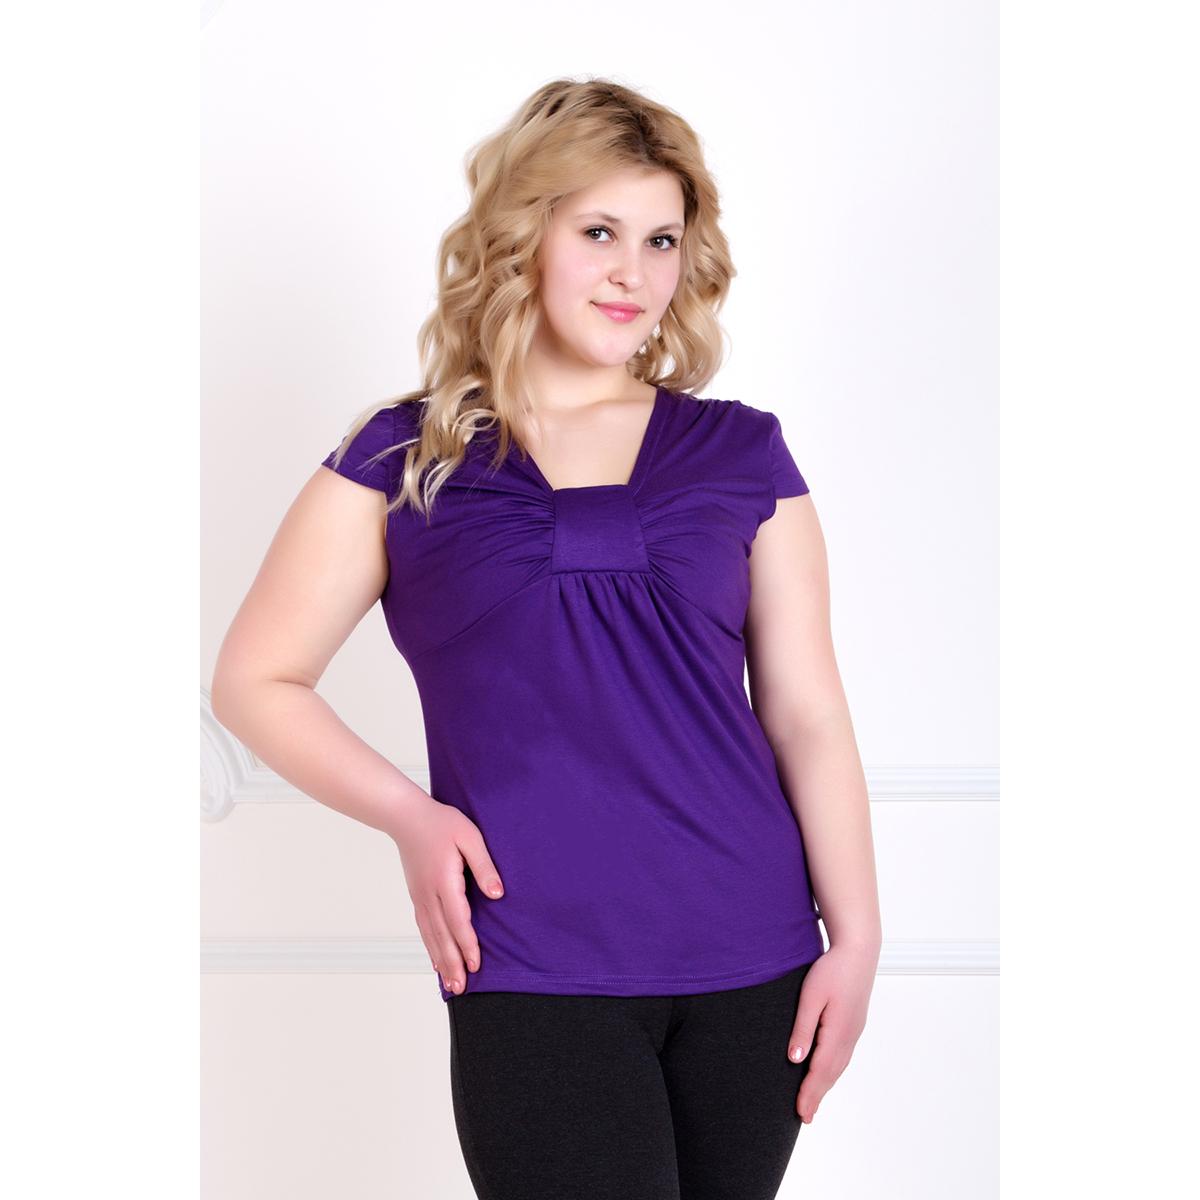 Женская блуза Романтика Фиолетовый, размер 44